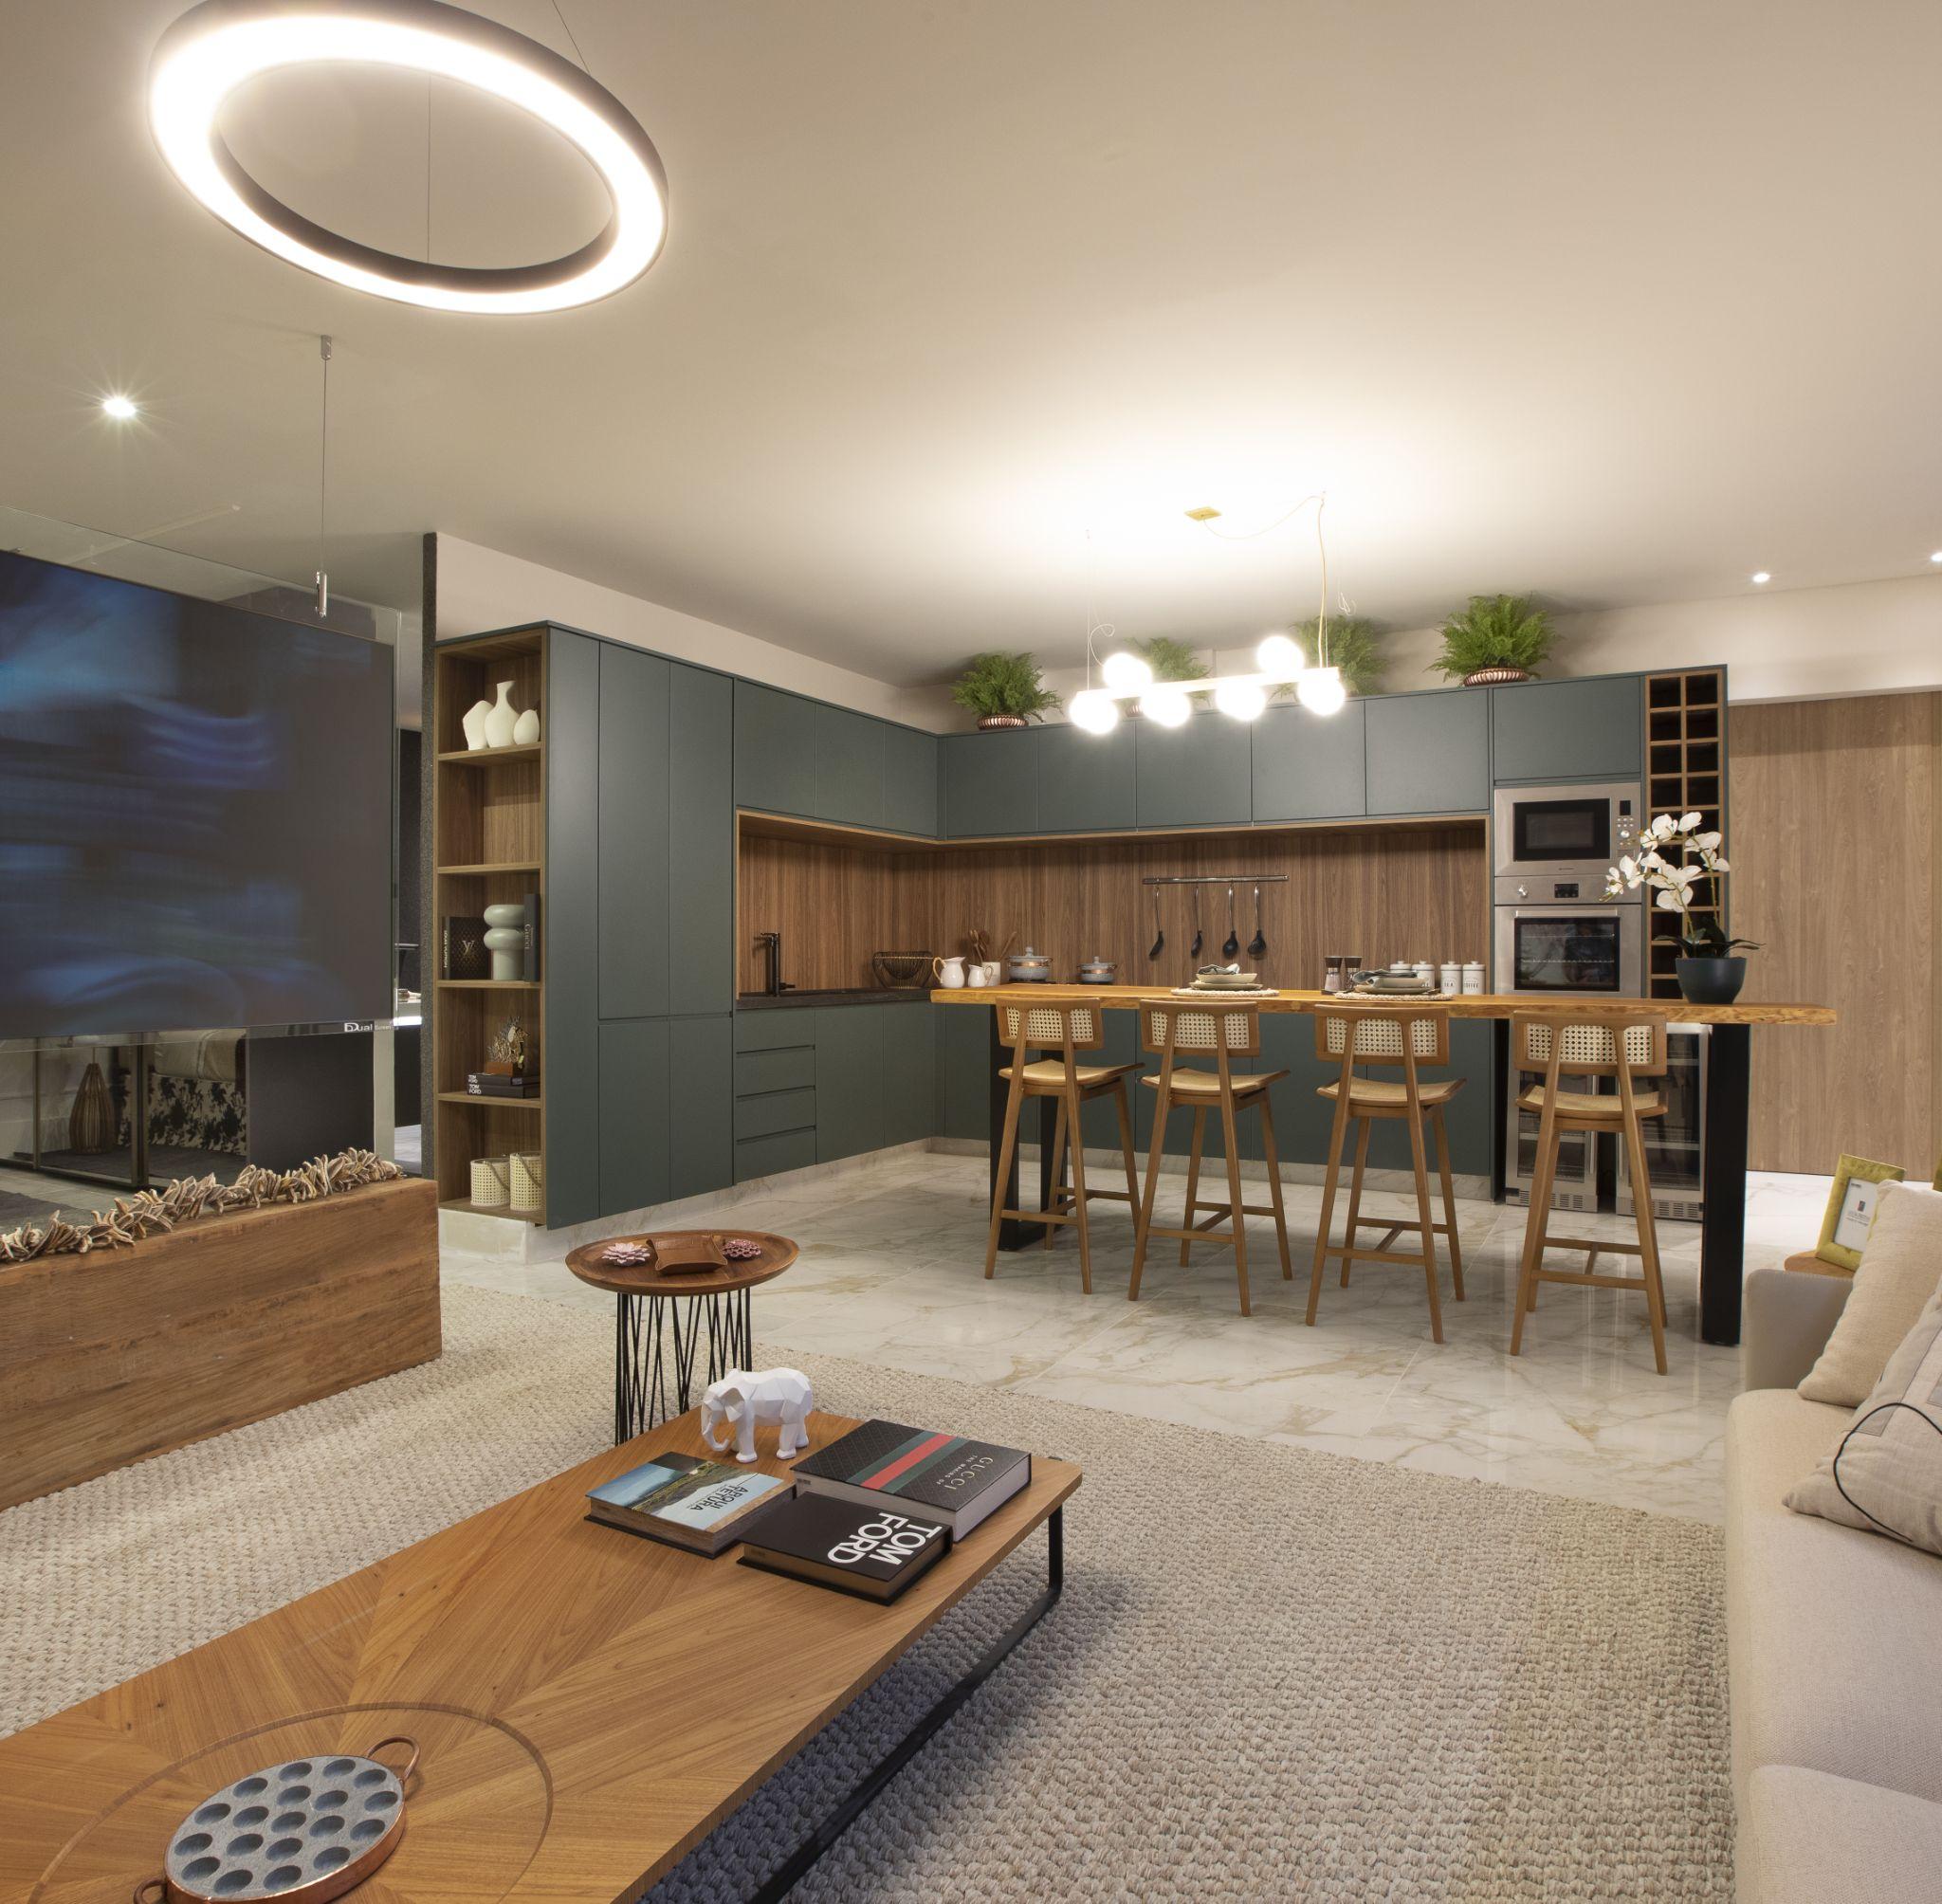 Cozinha integrada a sala de estar com armário cinza escuro com detalhes amadeirado, bancada de madeira com quatro cadeiras, porcelanato em tom neutro, tapete nude